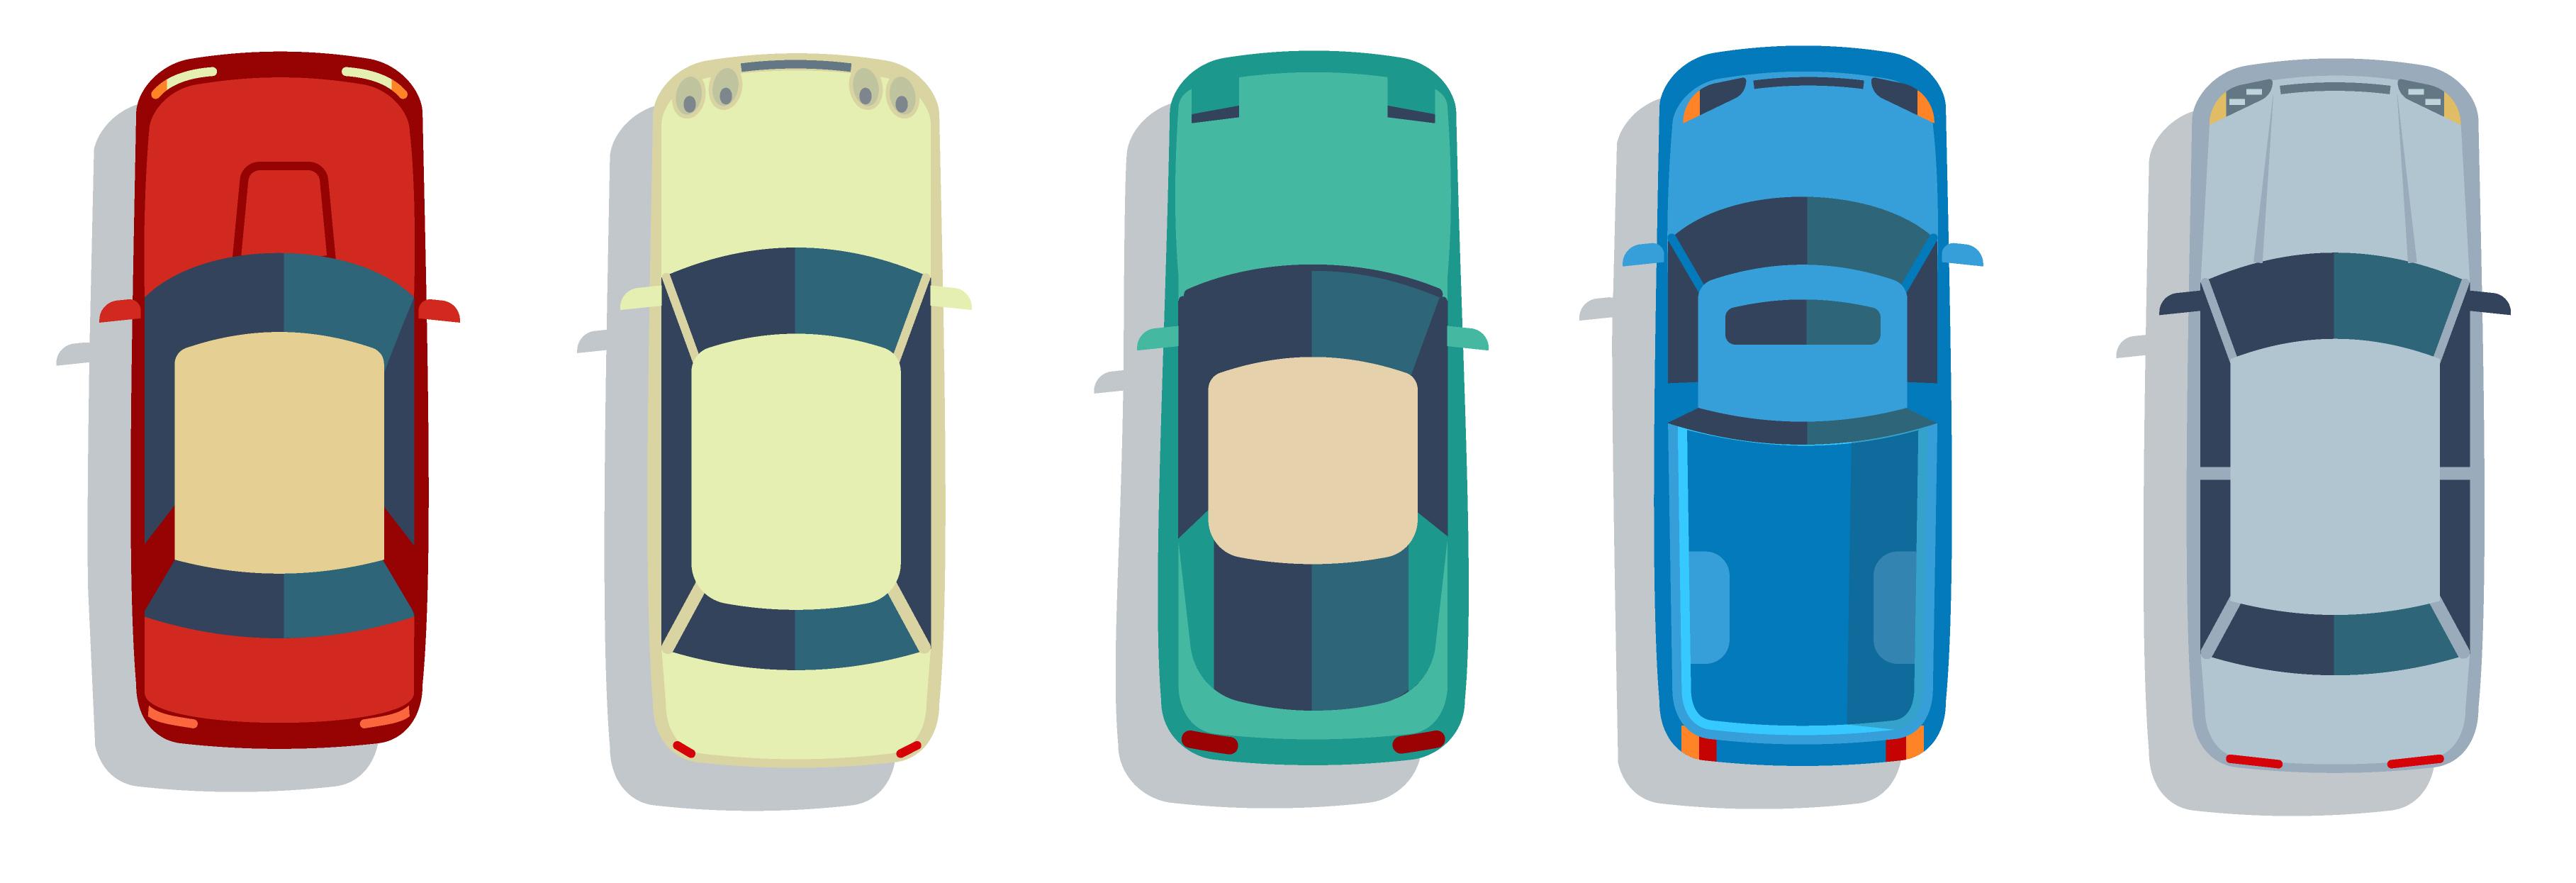 Cars, trucks, Uber